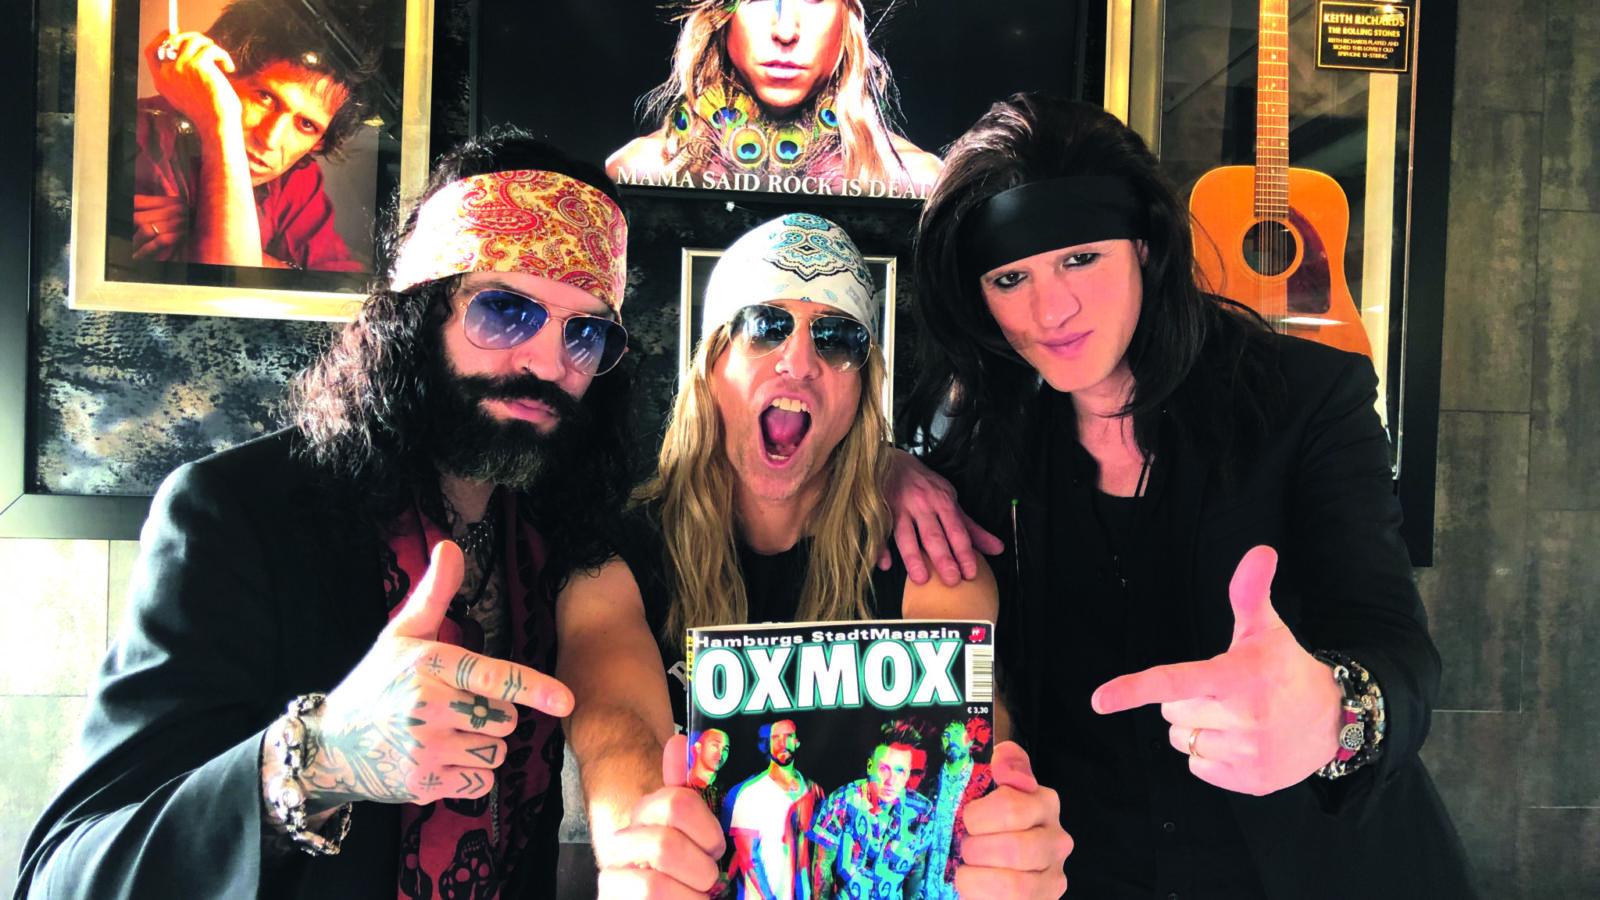 Diva und oxmox